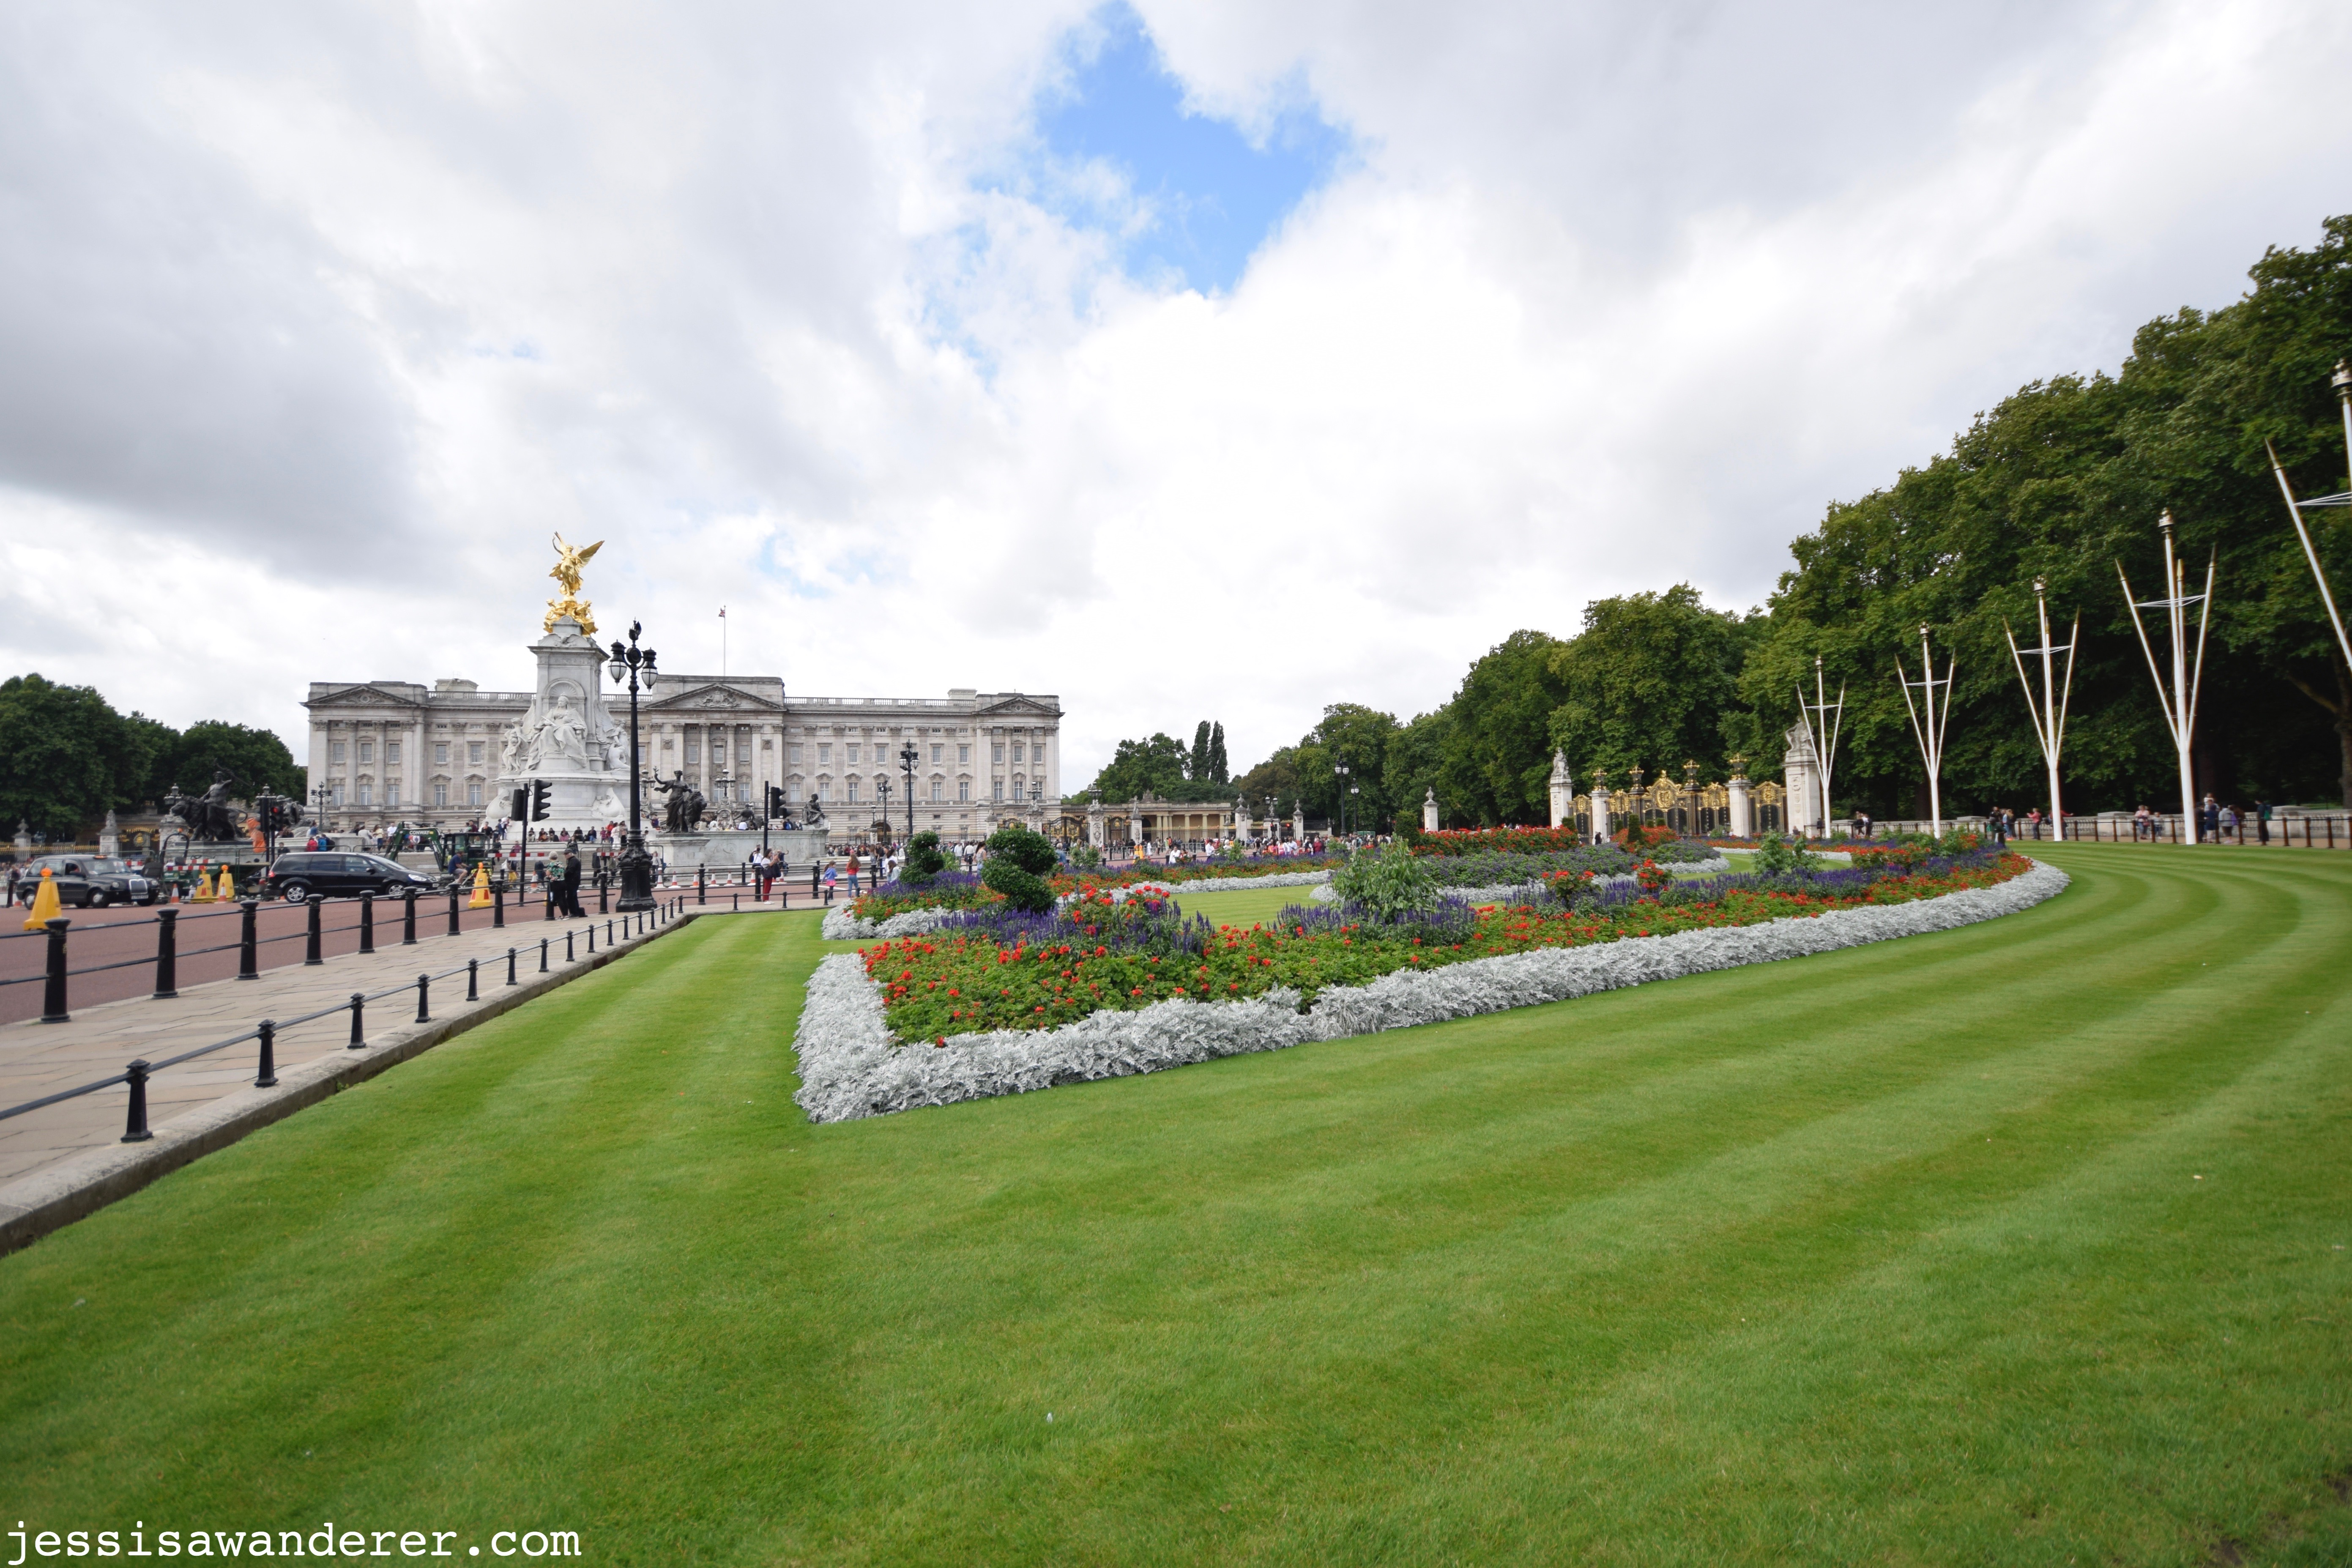 Buckingham from Afar